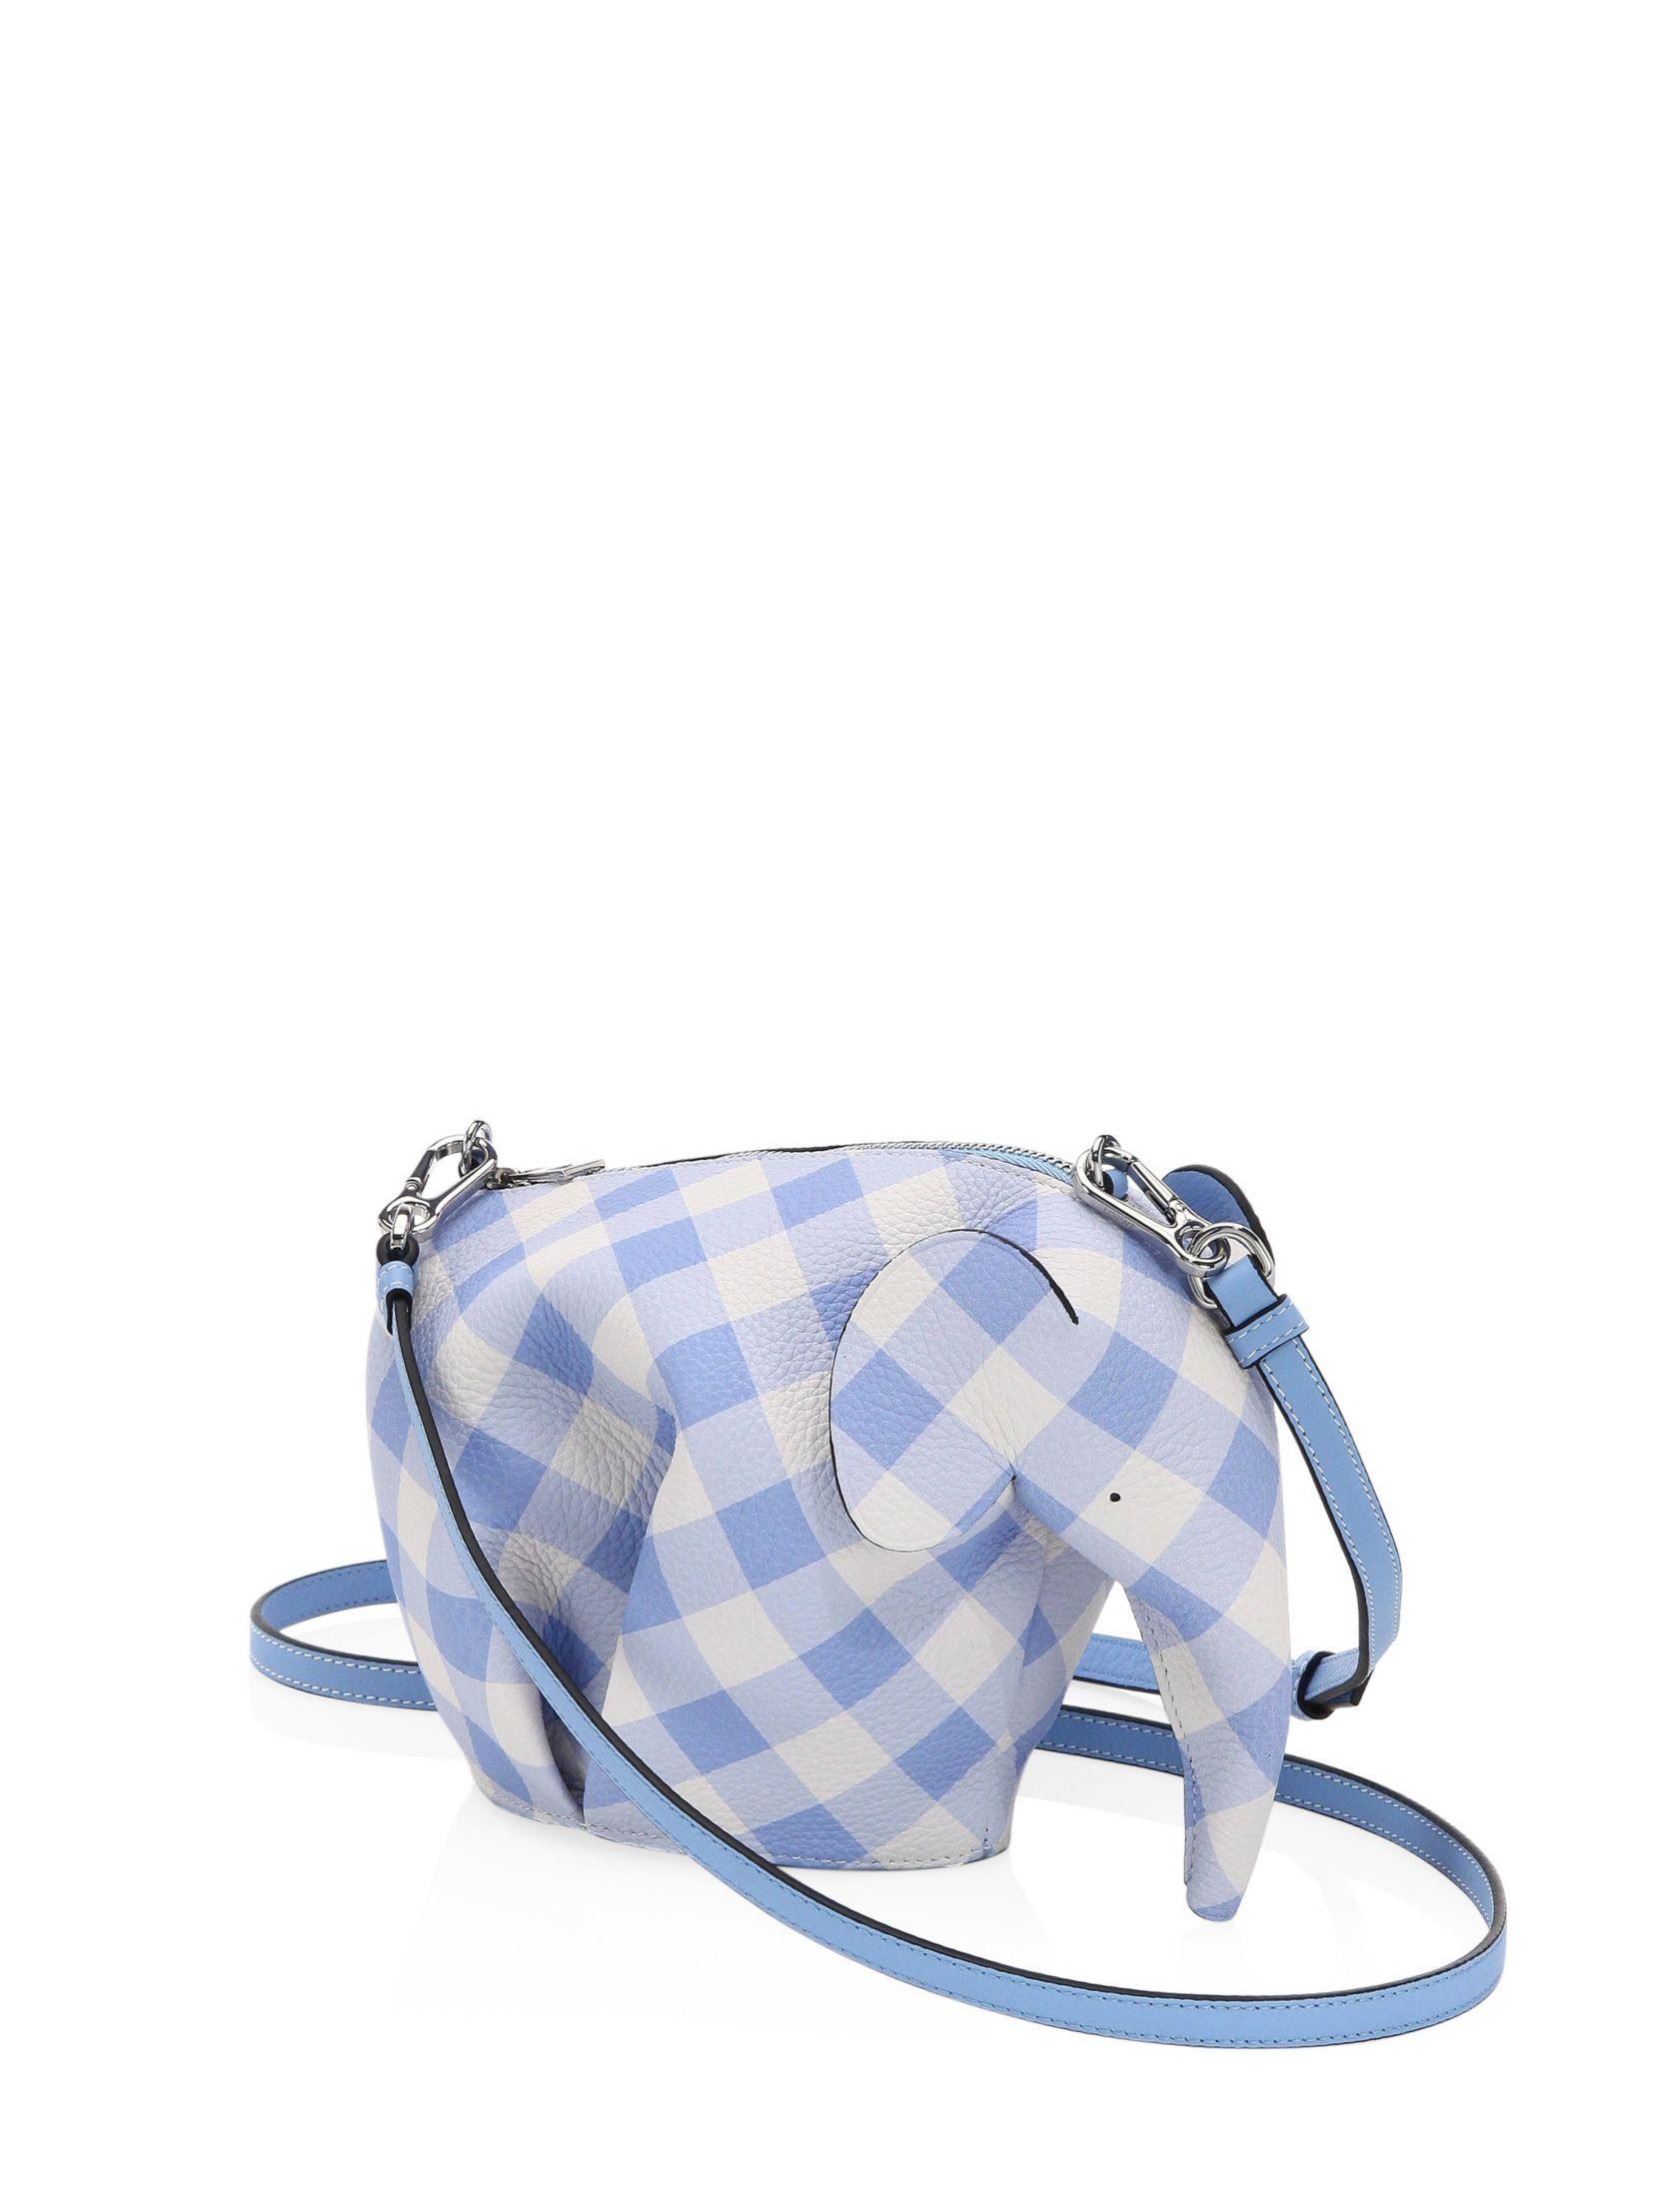 ffa4ee26db LOEWE Elephant Gingham Mini Bag